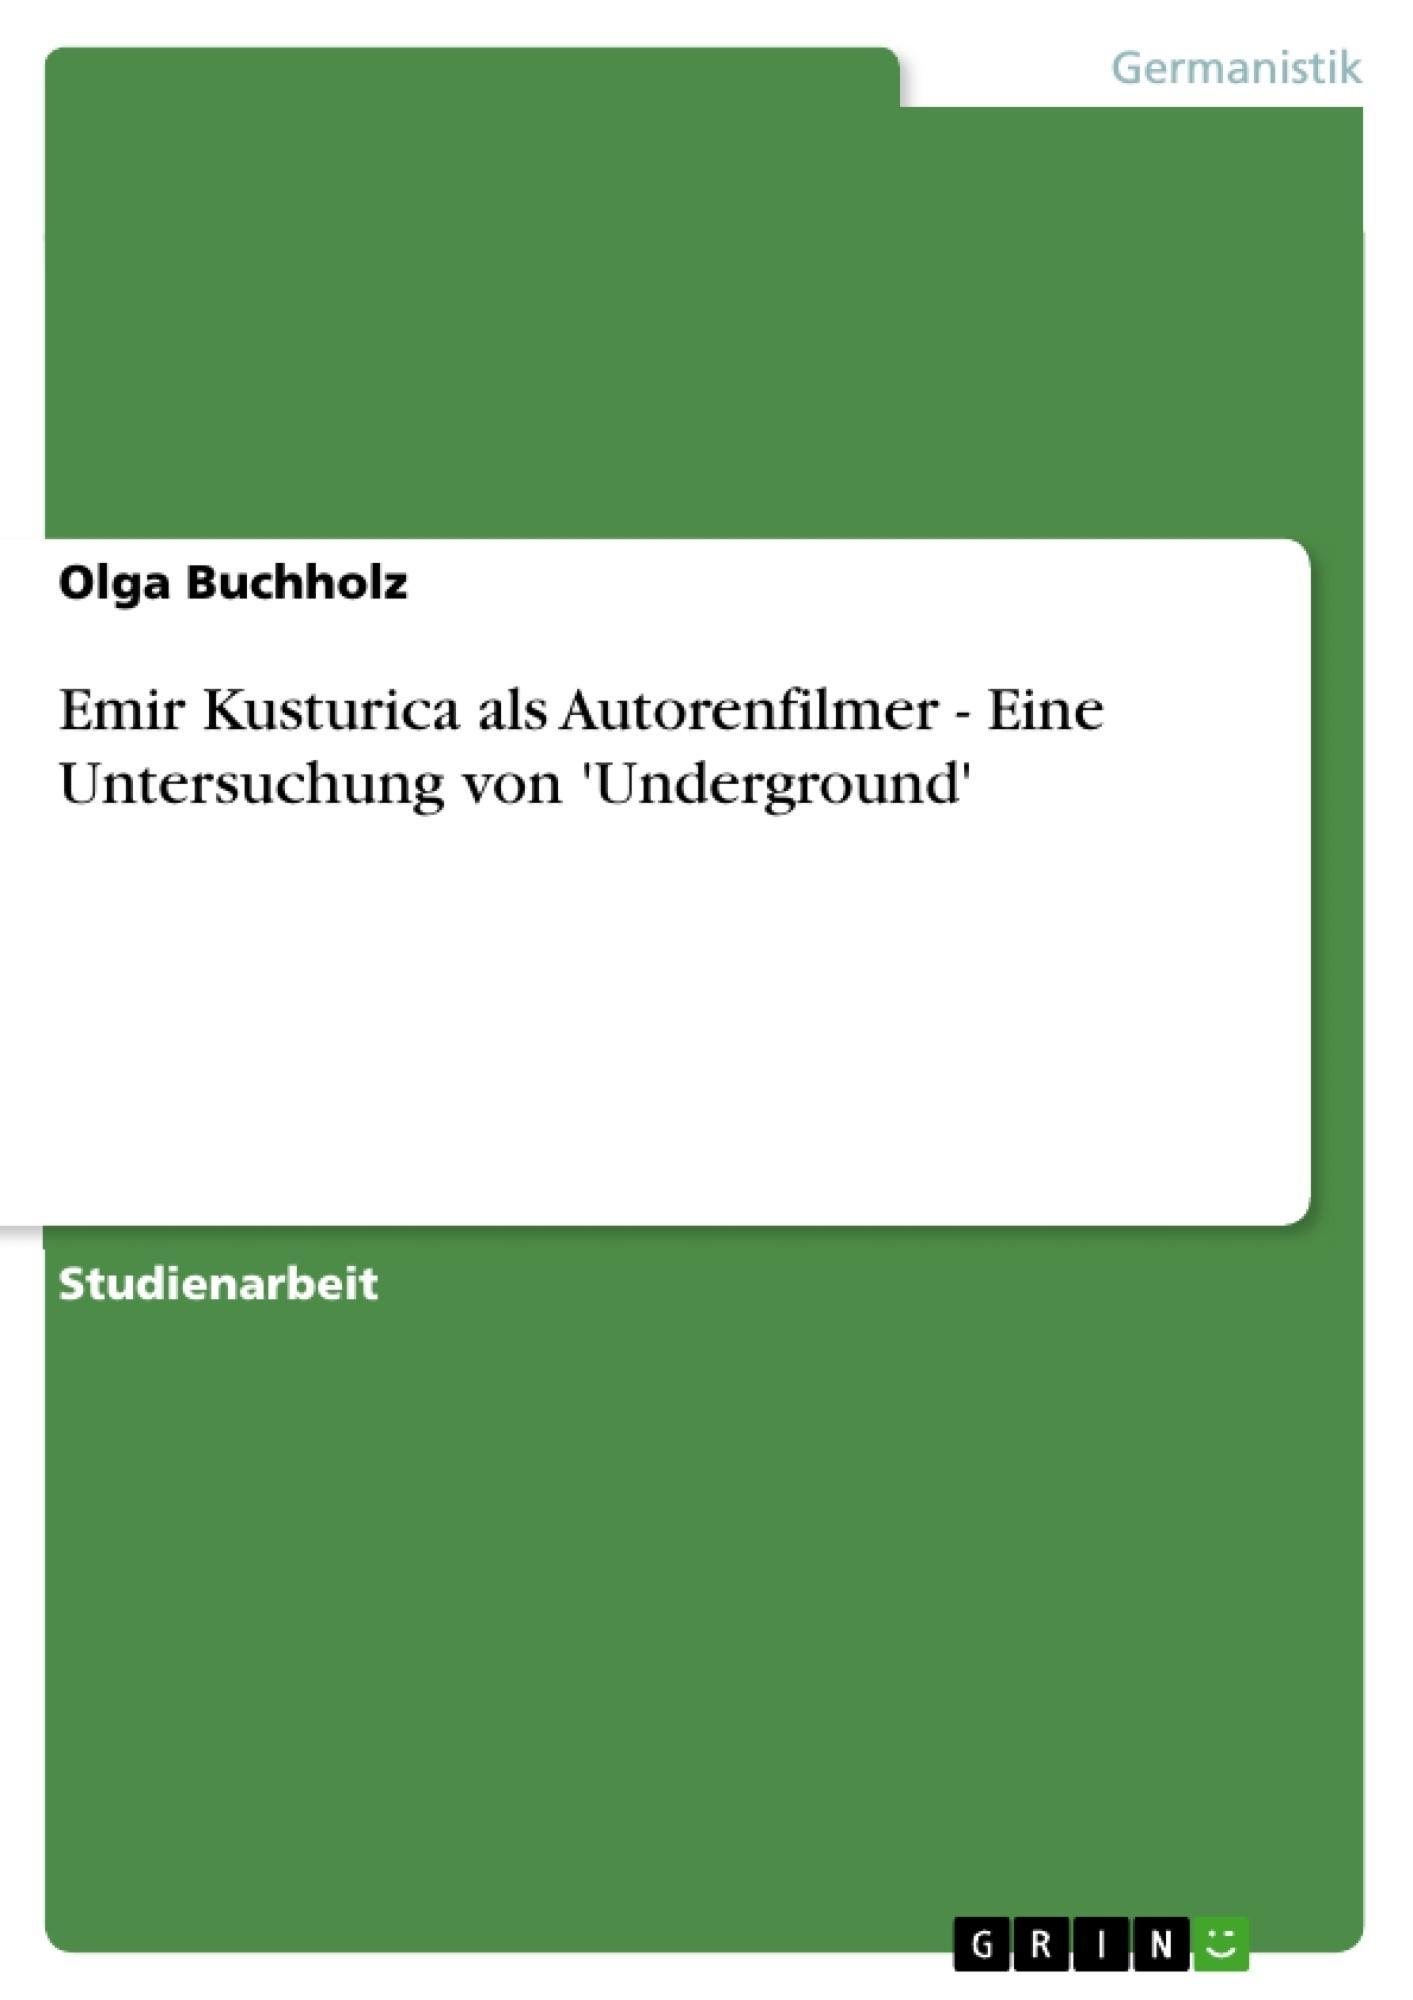 Titel: Emir Kusturica als Autorenfilmer - Eine Untersuchung von 'Underground'